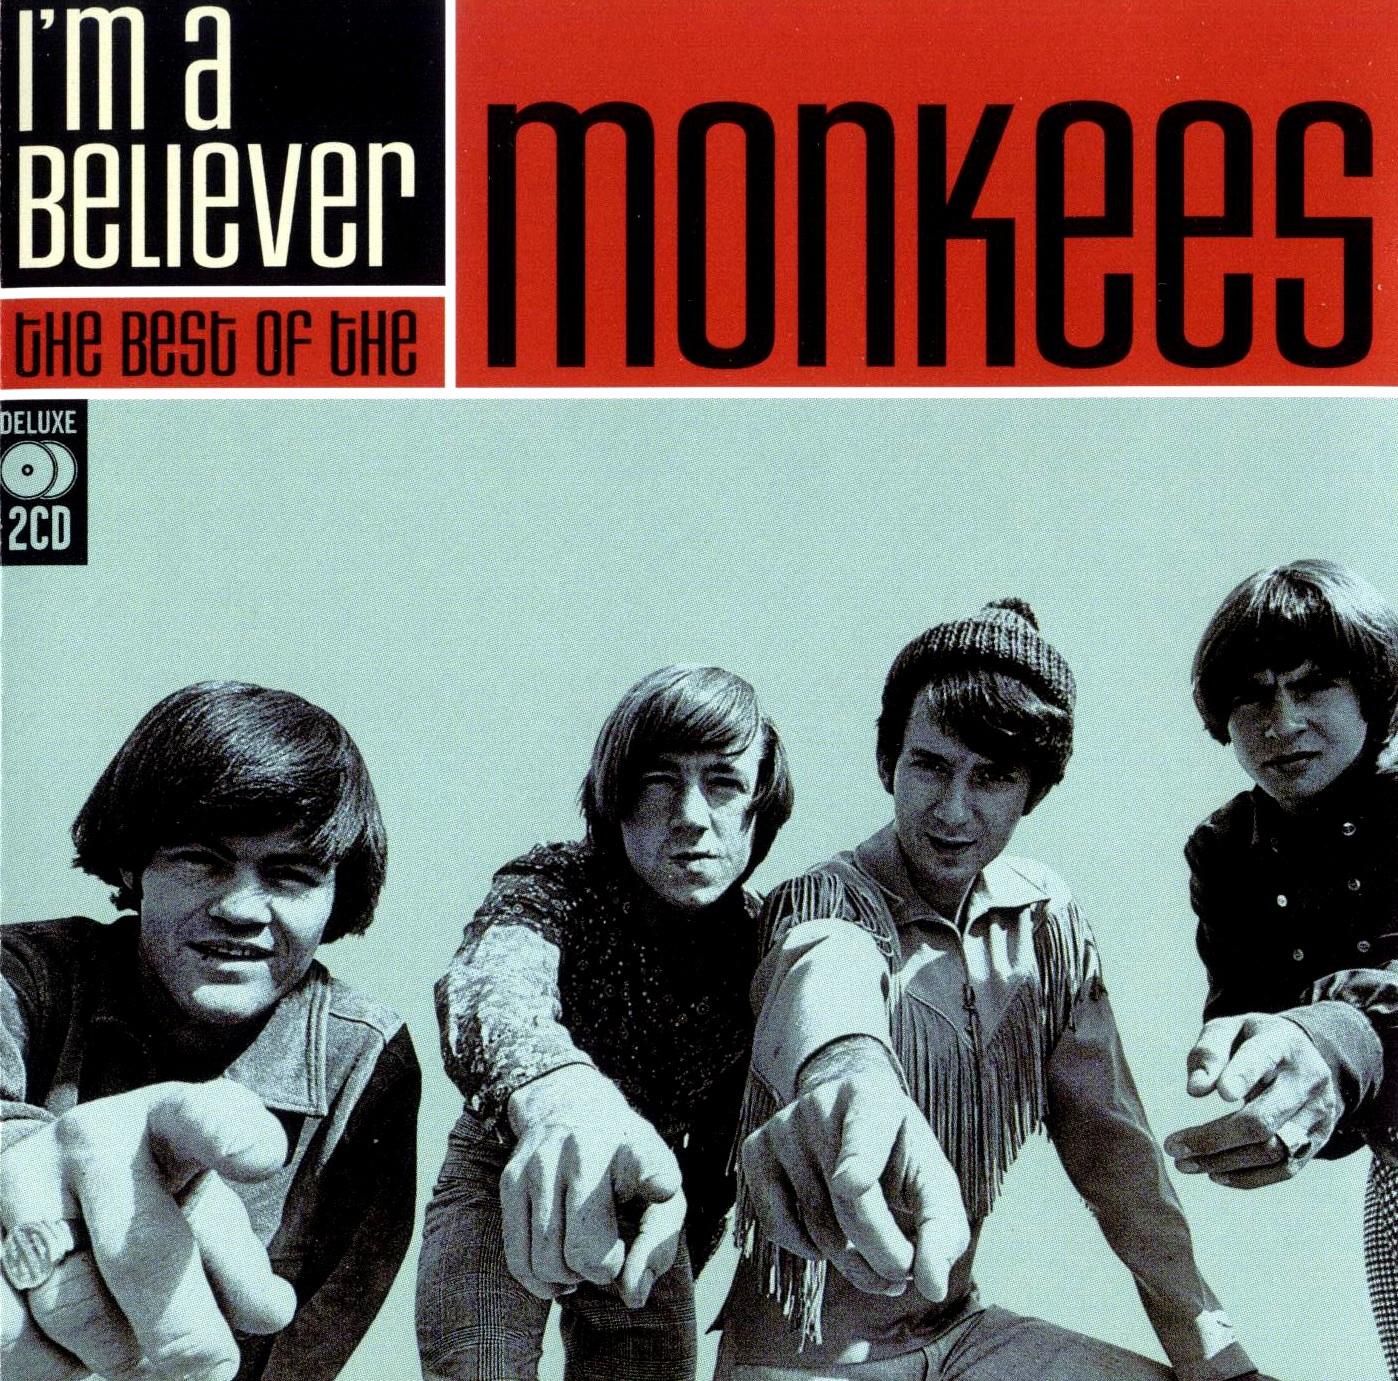 Monkees i'm believer copertina